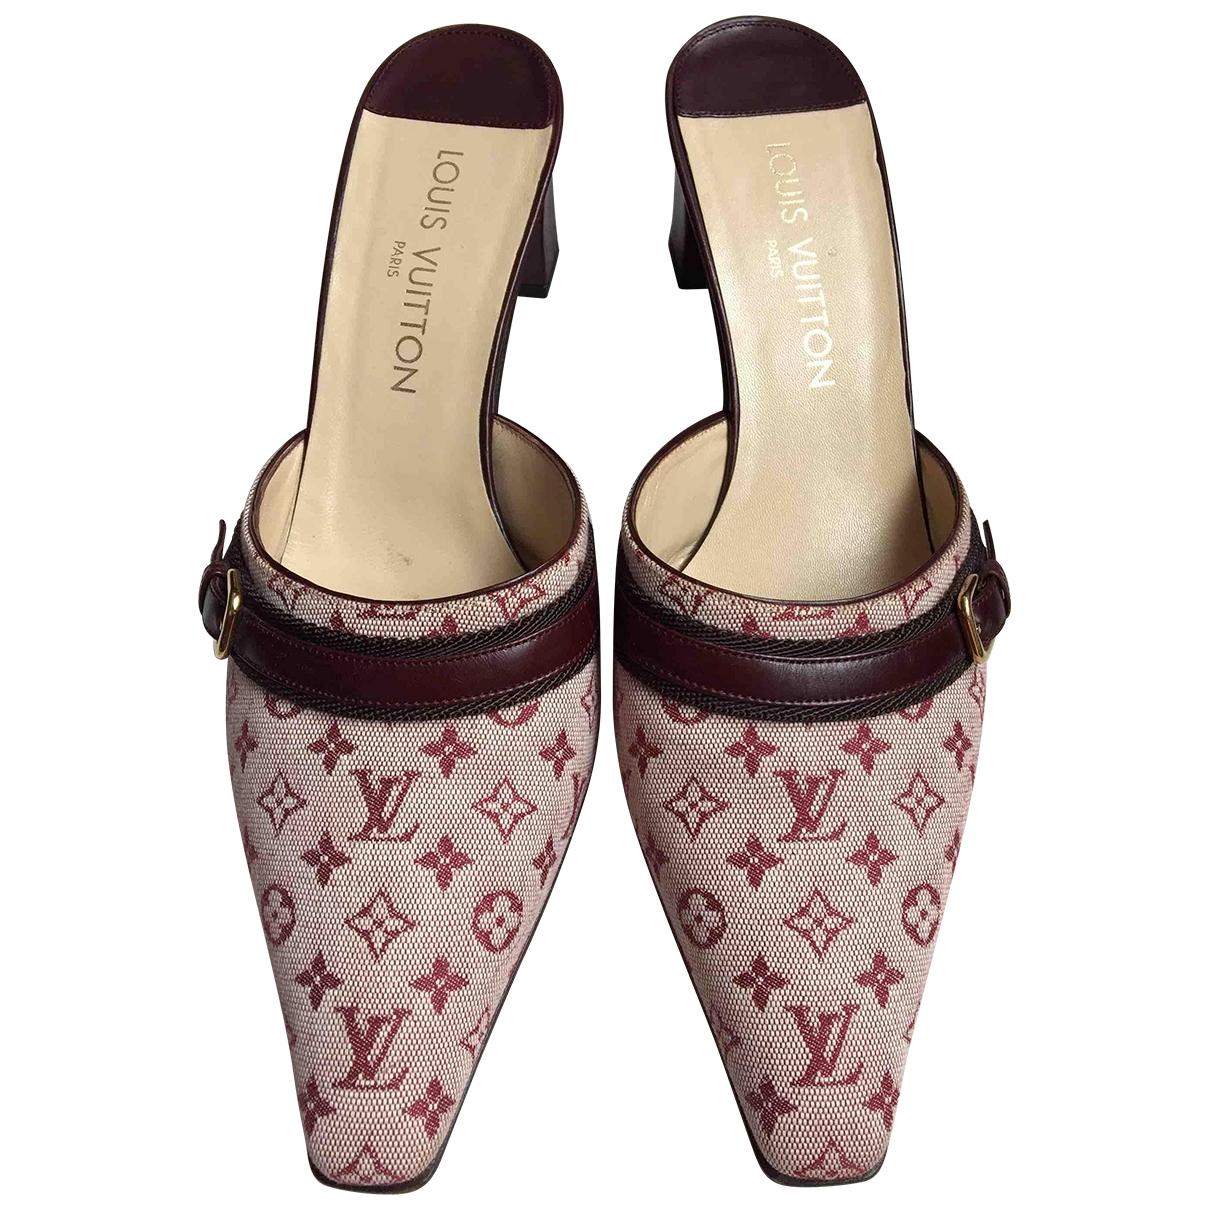 Zuecos de Lona Louis Vuitton